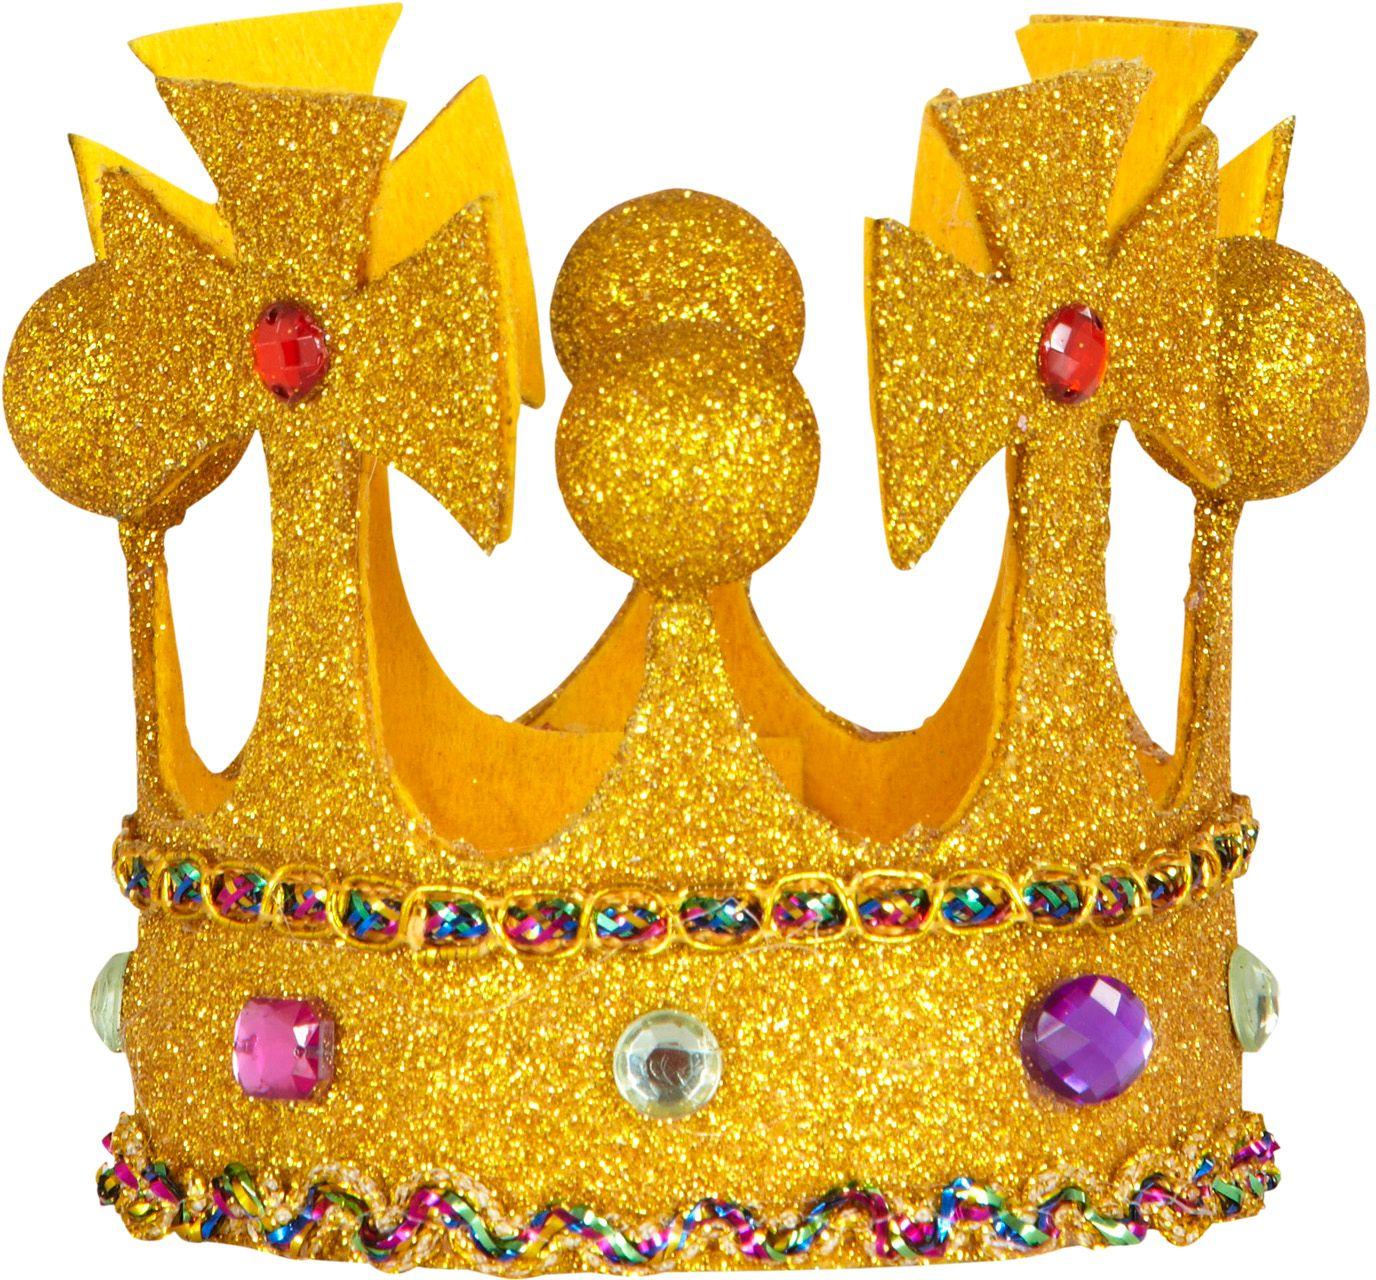 Mini koninklijke kroon met juwelen